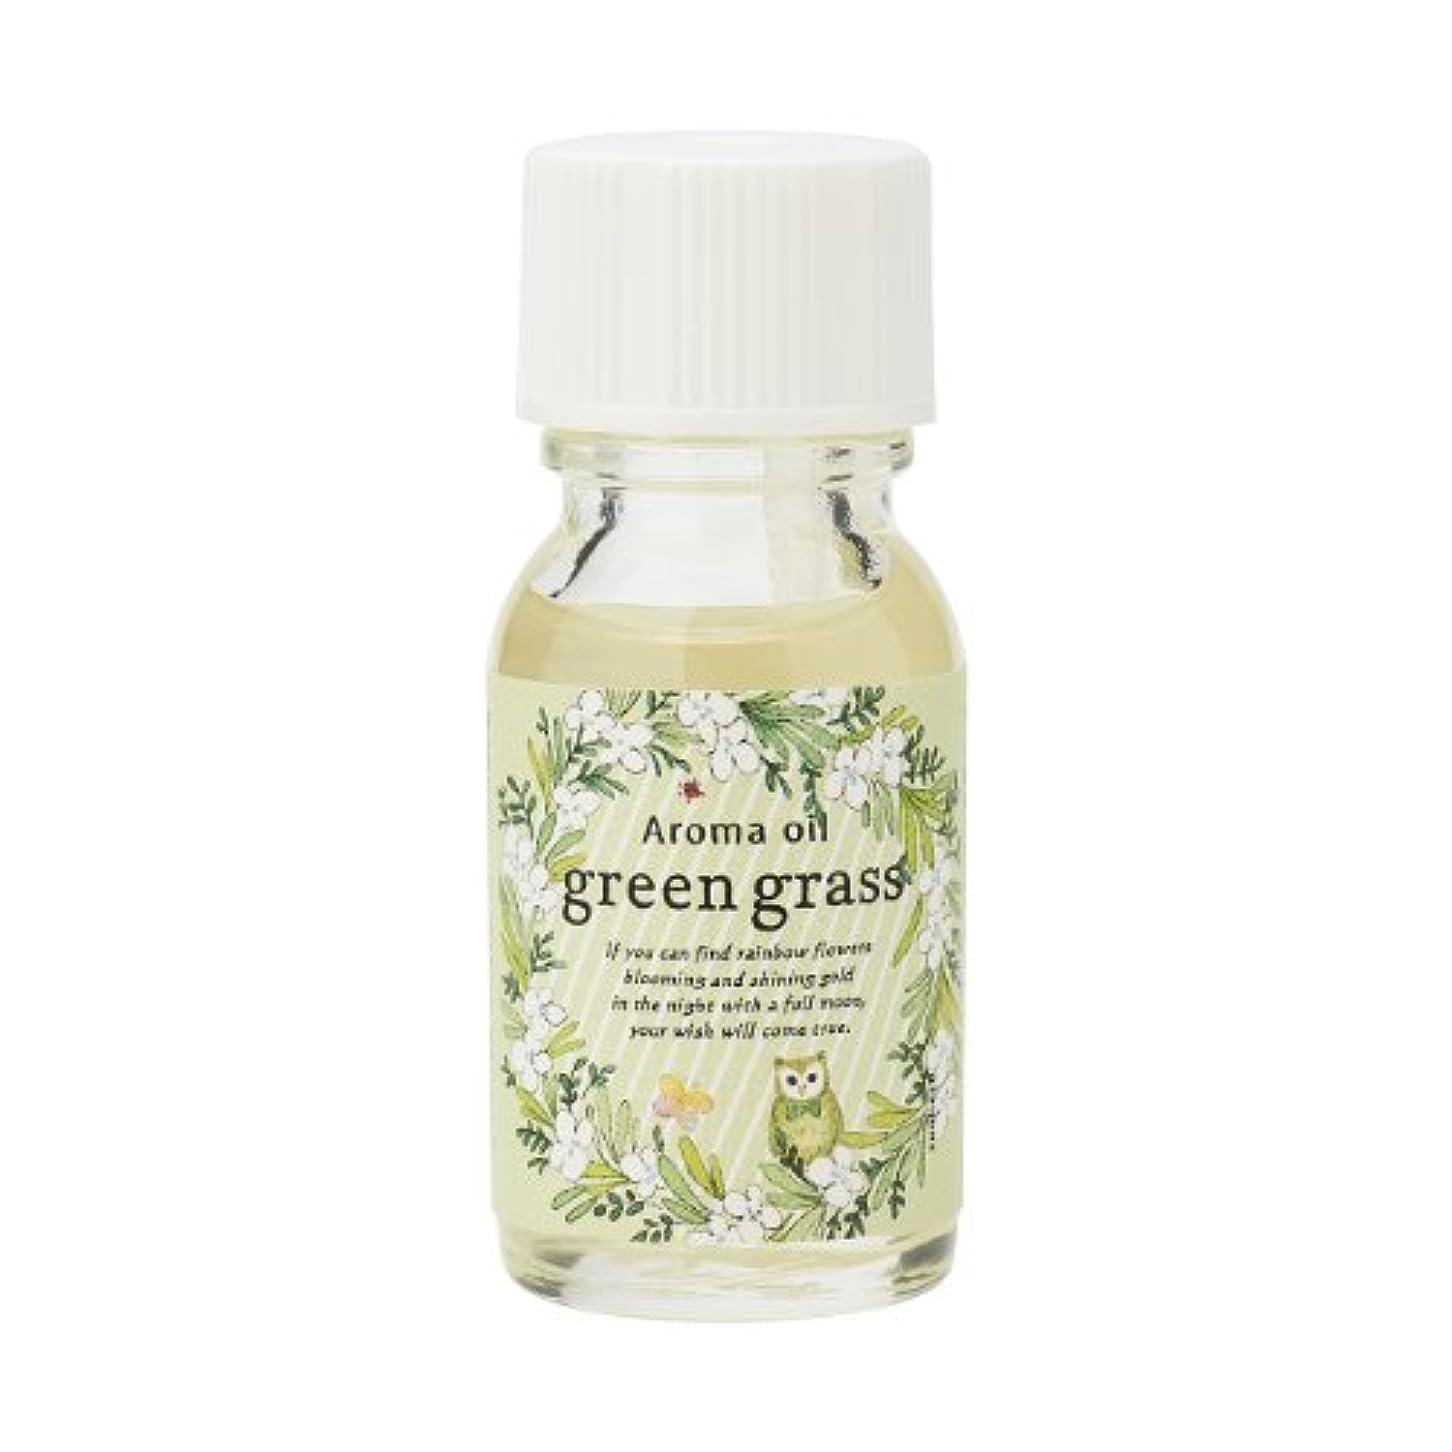 昼寝移行メーターサンハーブ アロマオイル グリーングラス 13ml(爽やかでちょっと大人の香り)